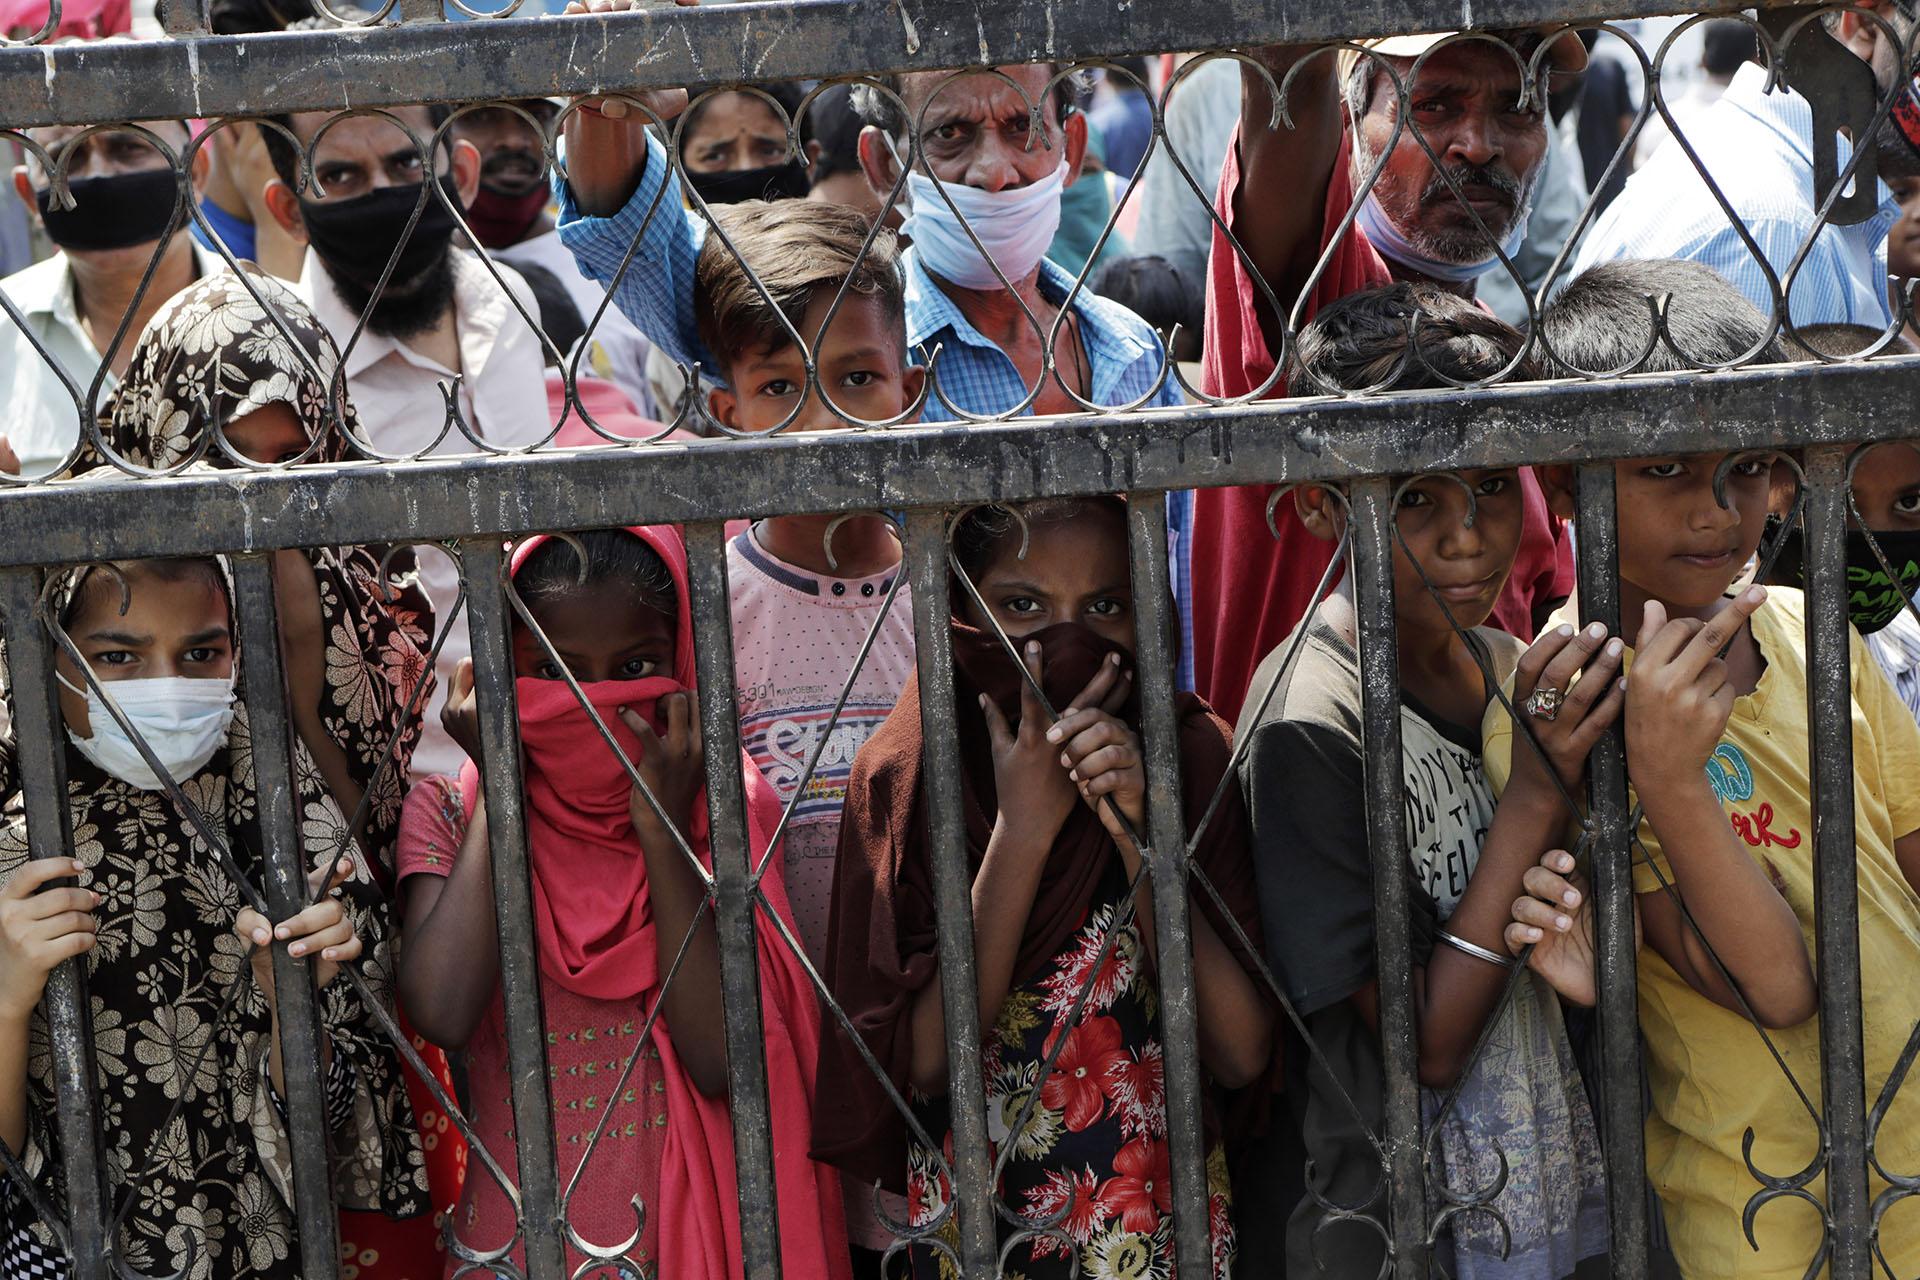 Niños esperan para recibir alimentos gratuitos en un barrio marginal durante la cuarentena por el coronavirus en Mumbai, India, el sábado 18 de abril de 2020. Mientras los gobiernos de todo el mundo tratan de frenar la propagación del coronavirus, la India ha puesto en marcha uno de los experimentos sociales más draconianos de la historia, encerrando a toda su población, incluyendo a unos 176 millones de personas que luchan por sobrevivir con 1,90 dólares al día o menos (AP Photo/Rajanish Kakade)